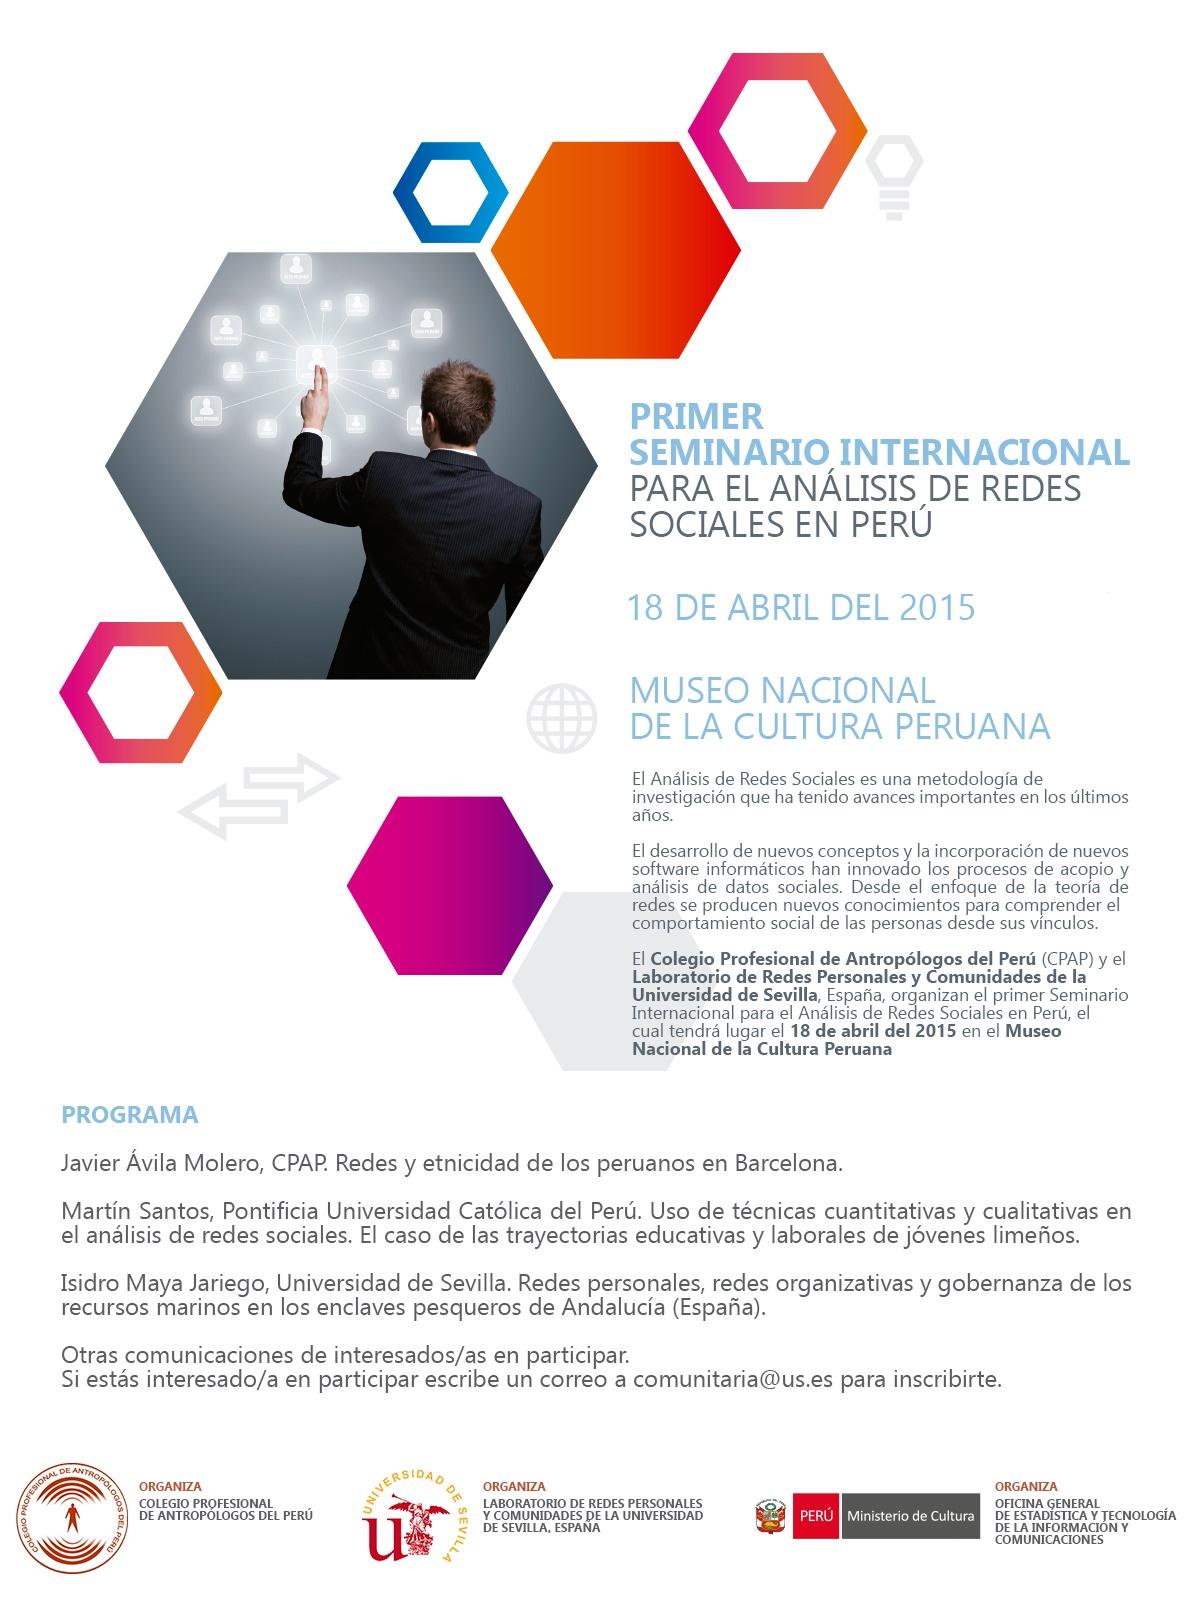 Primer seminario internacional de ARS en Lima